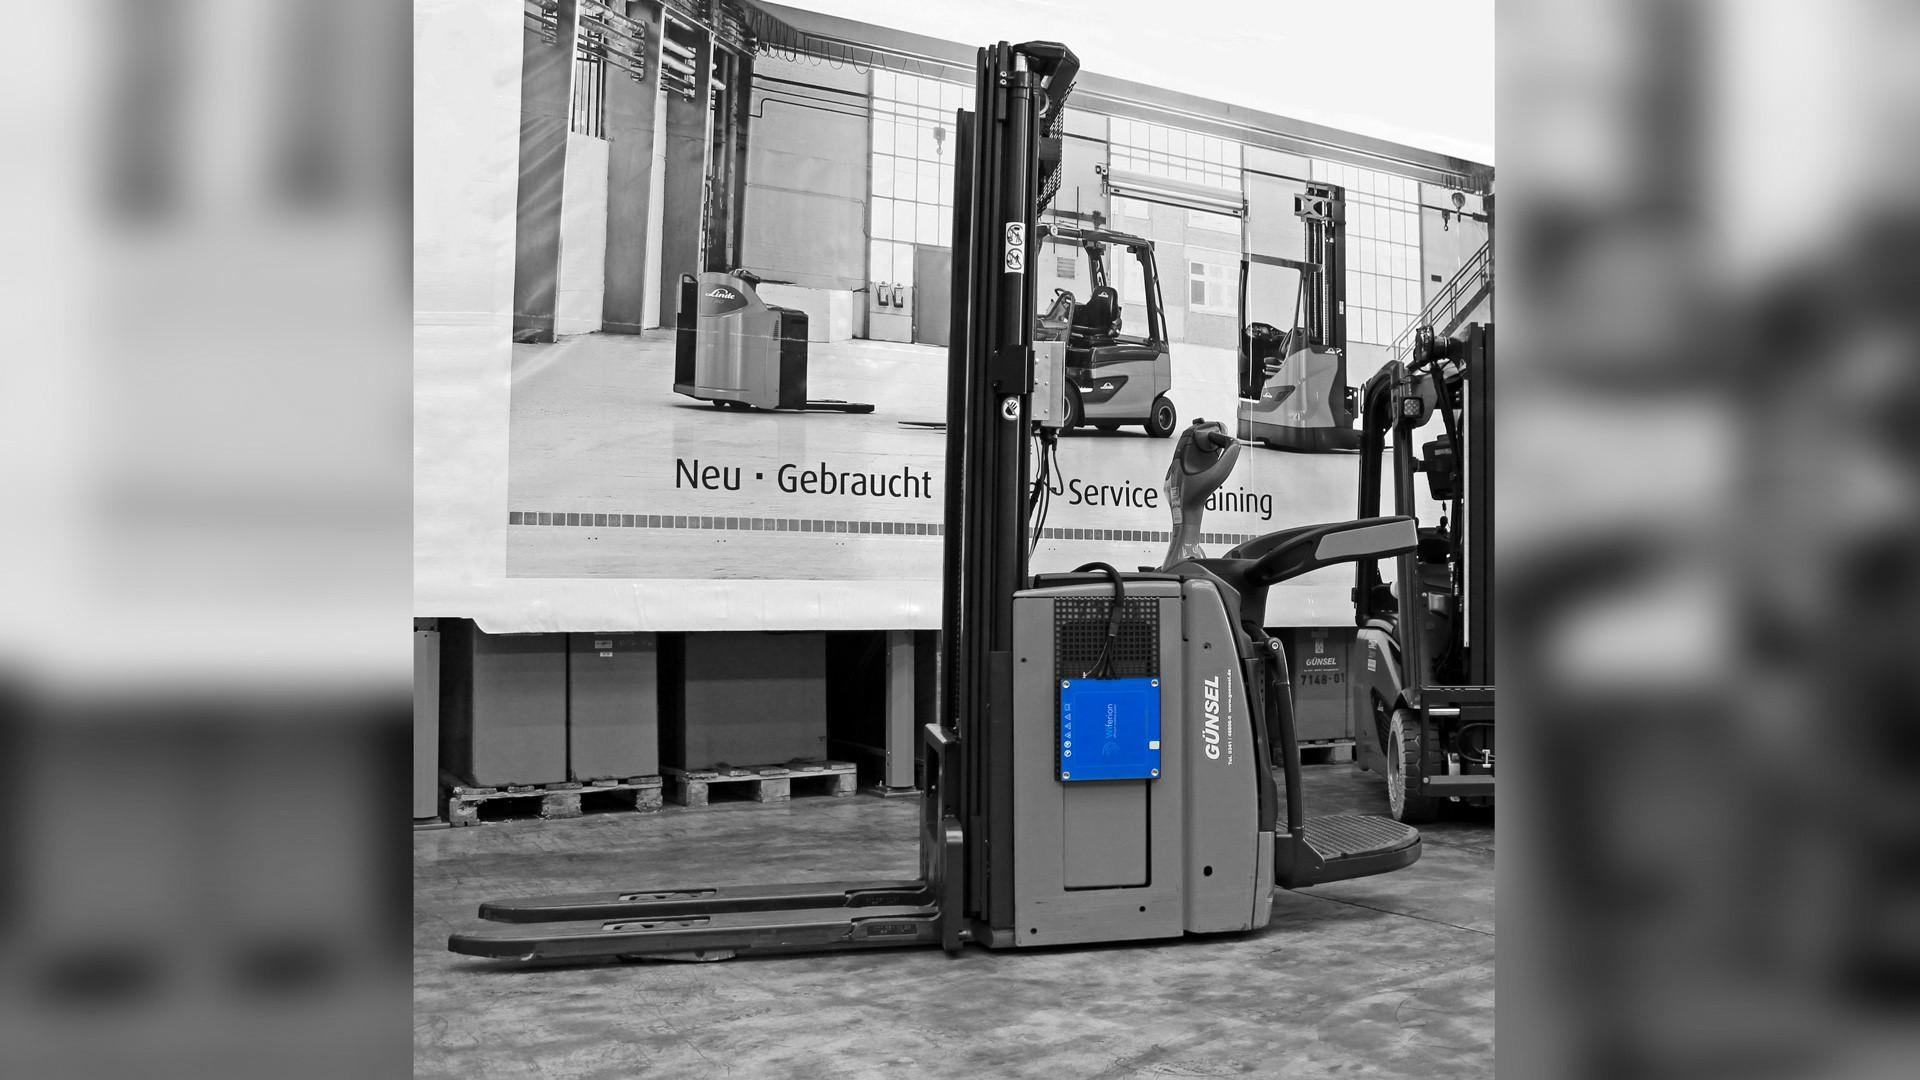 nachruesten hubwagen linde induktiv industrial truck wireless charging retrofit